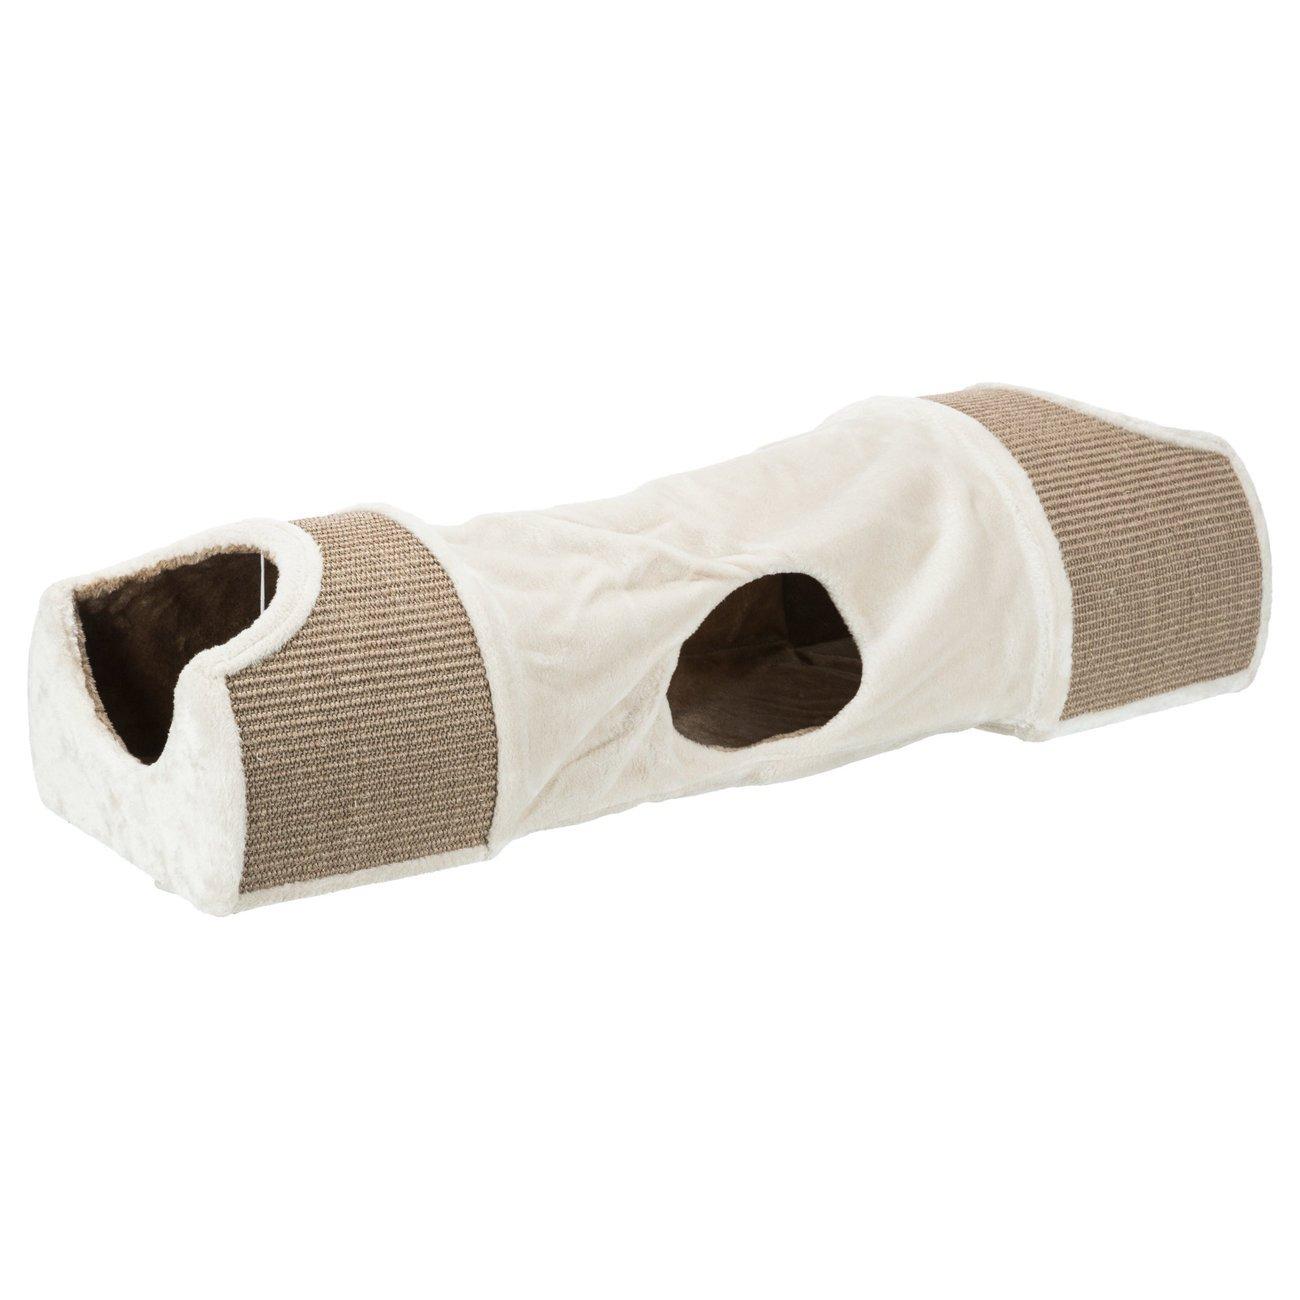 TRIXIE Kratztunnel für Katzen mit Plüsch Bezug 43004, Bild 2